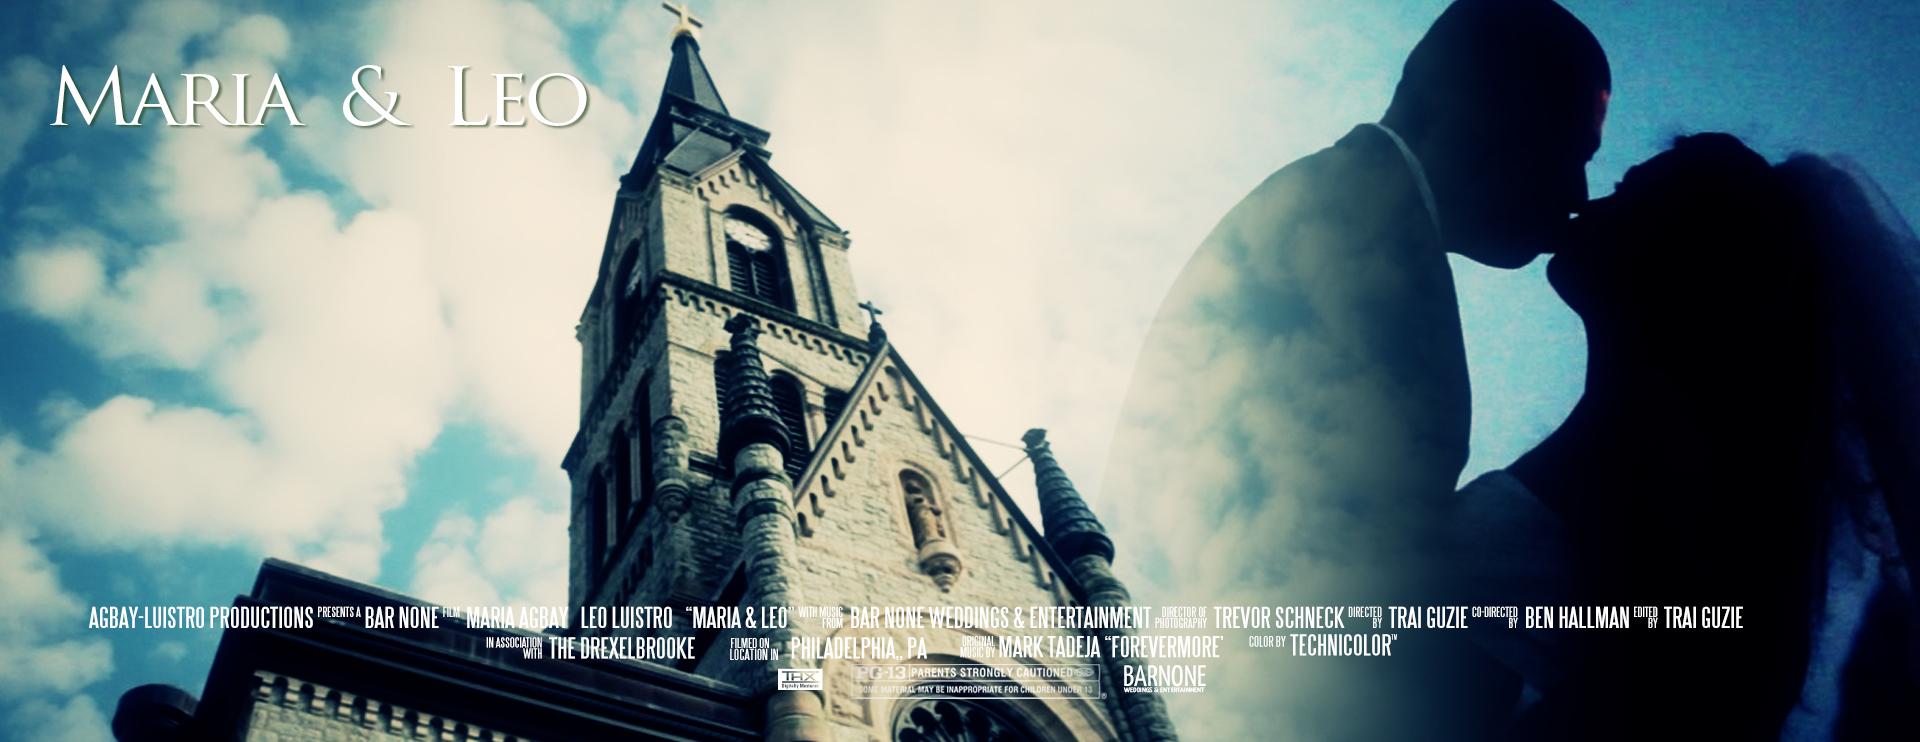 Movie Poster Thumbnaill - Maria & Leo copy